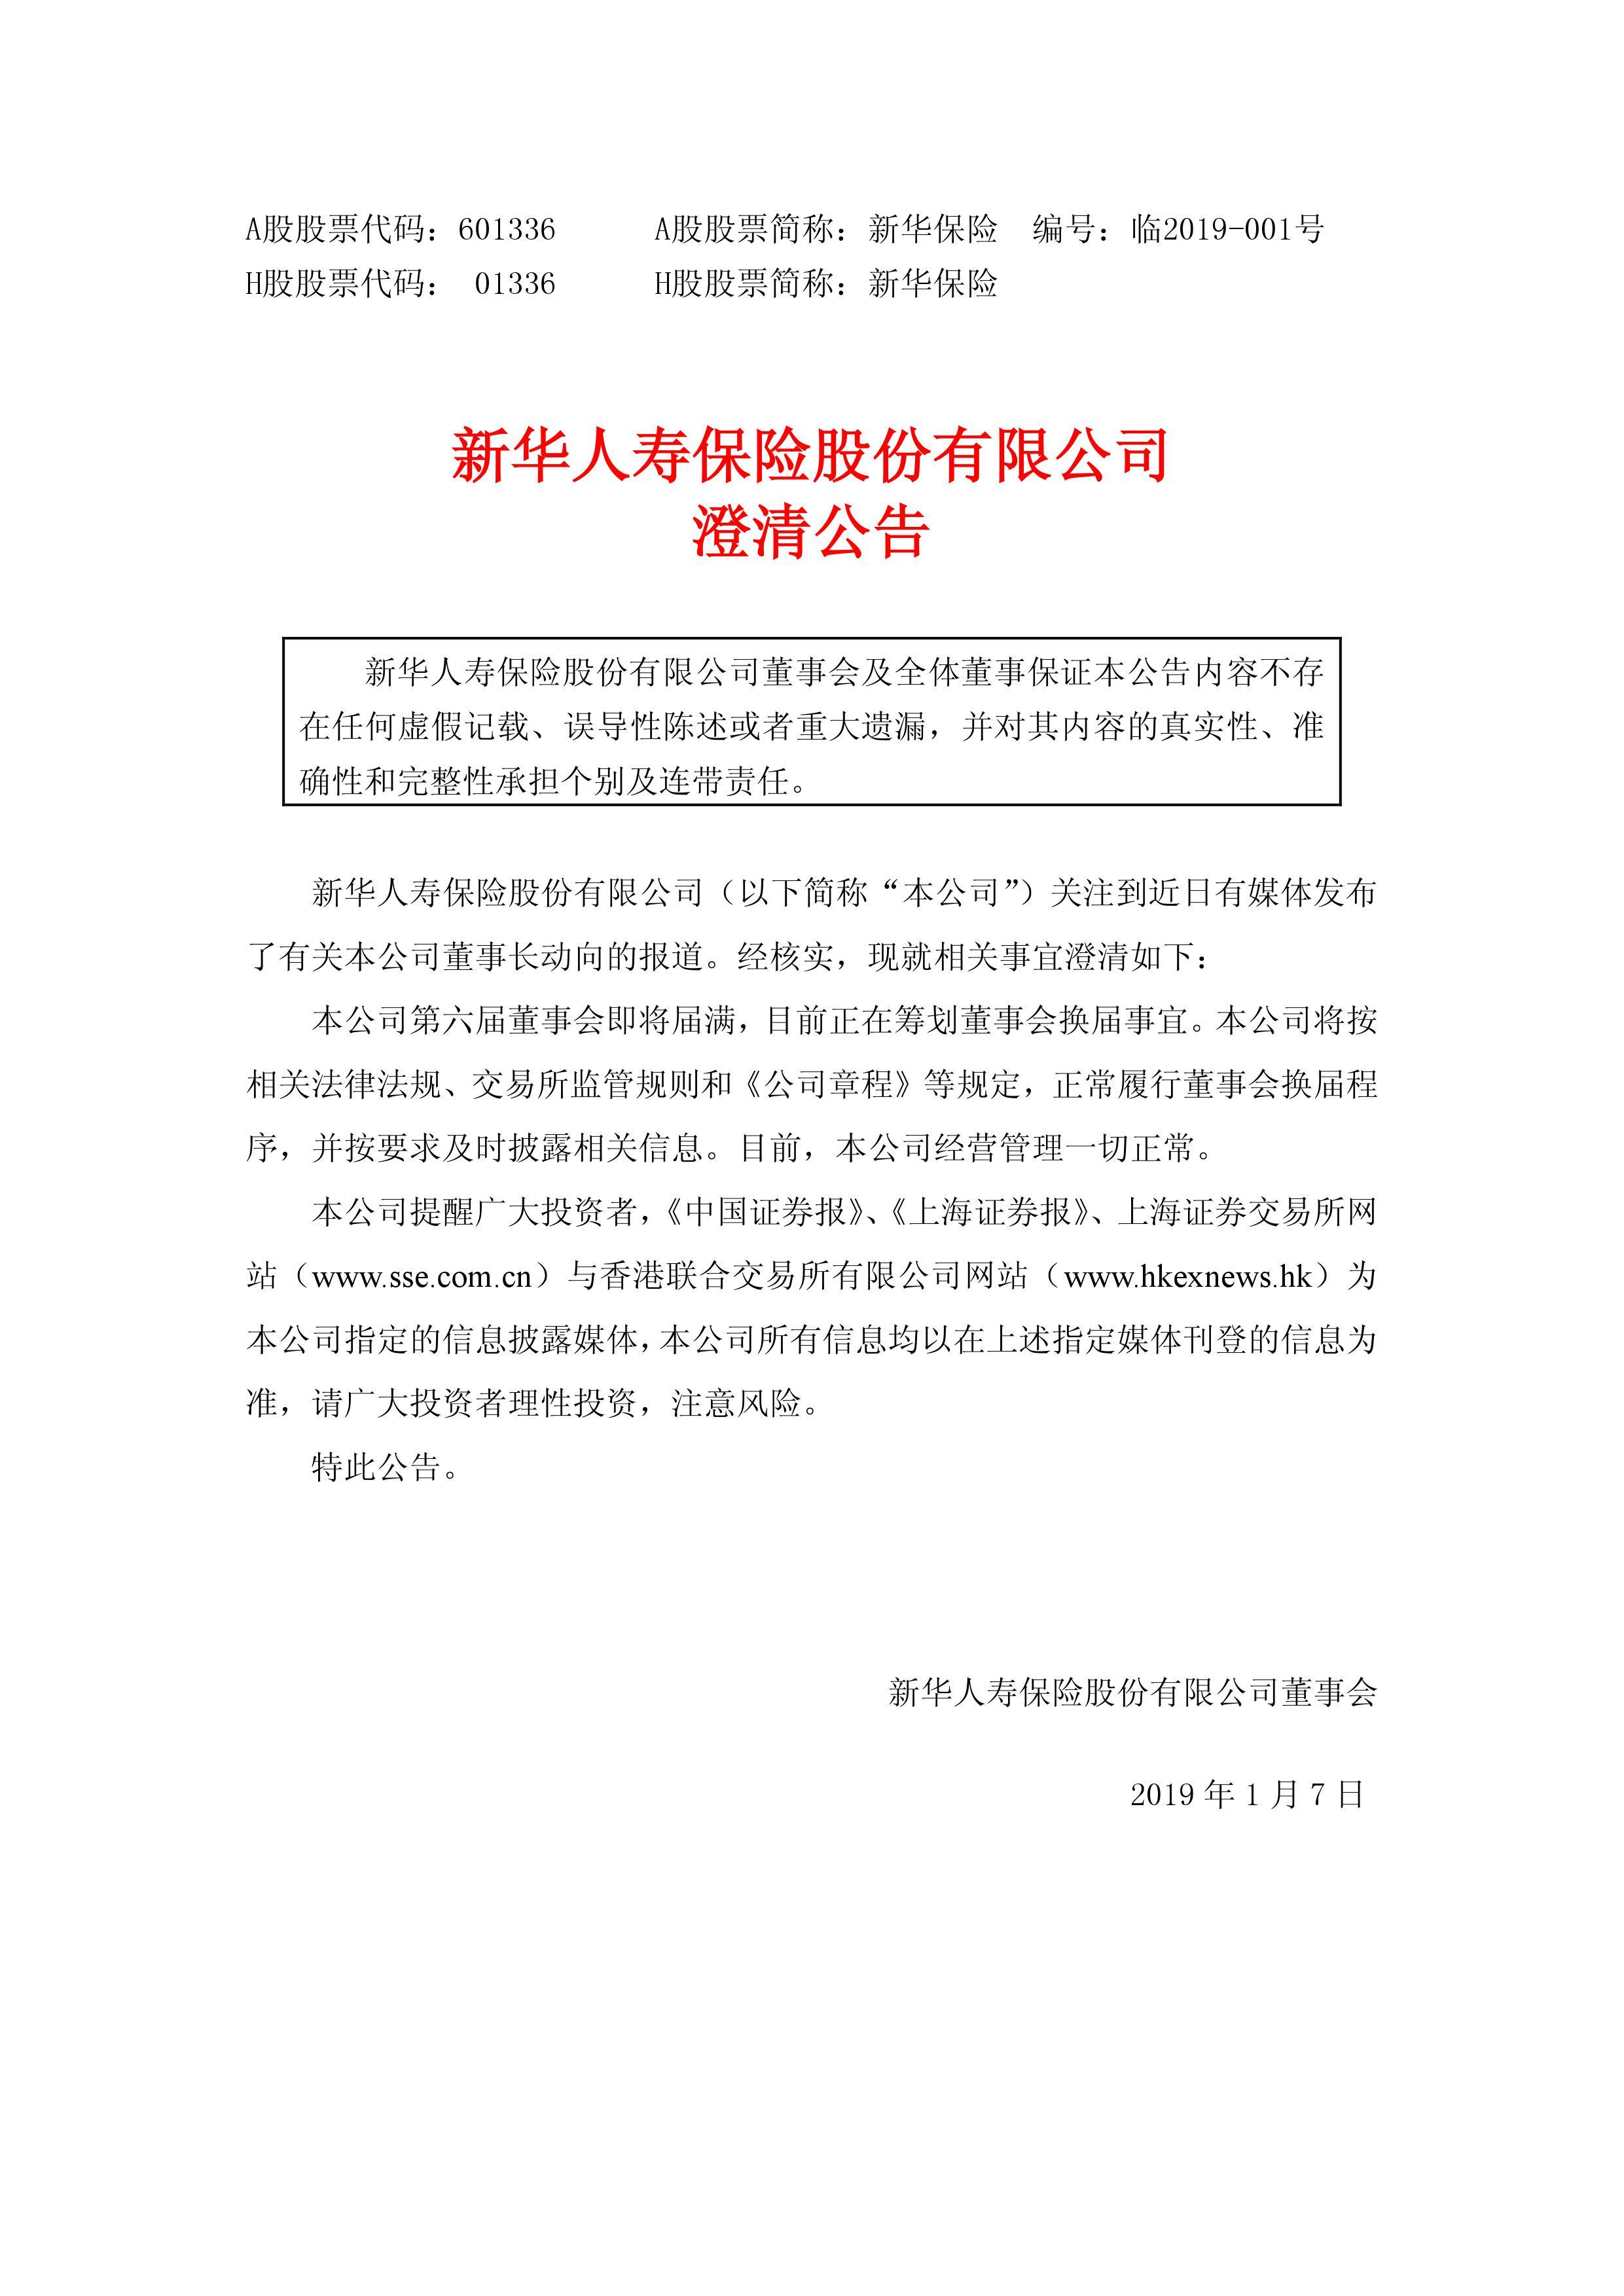 新华保险声明.jpg